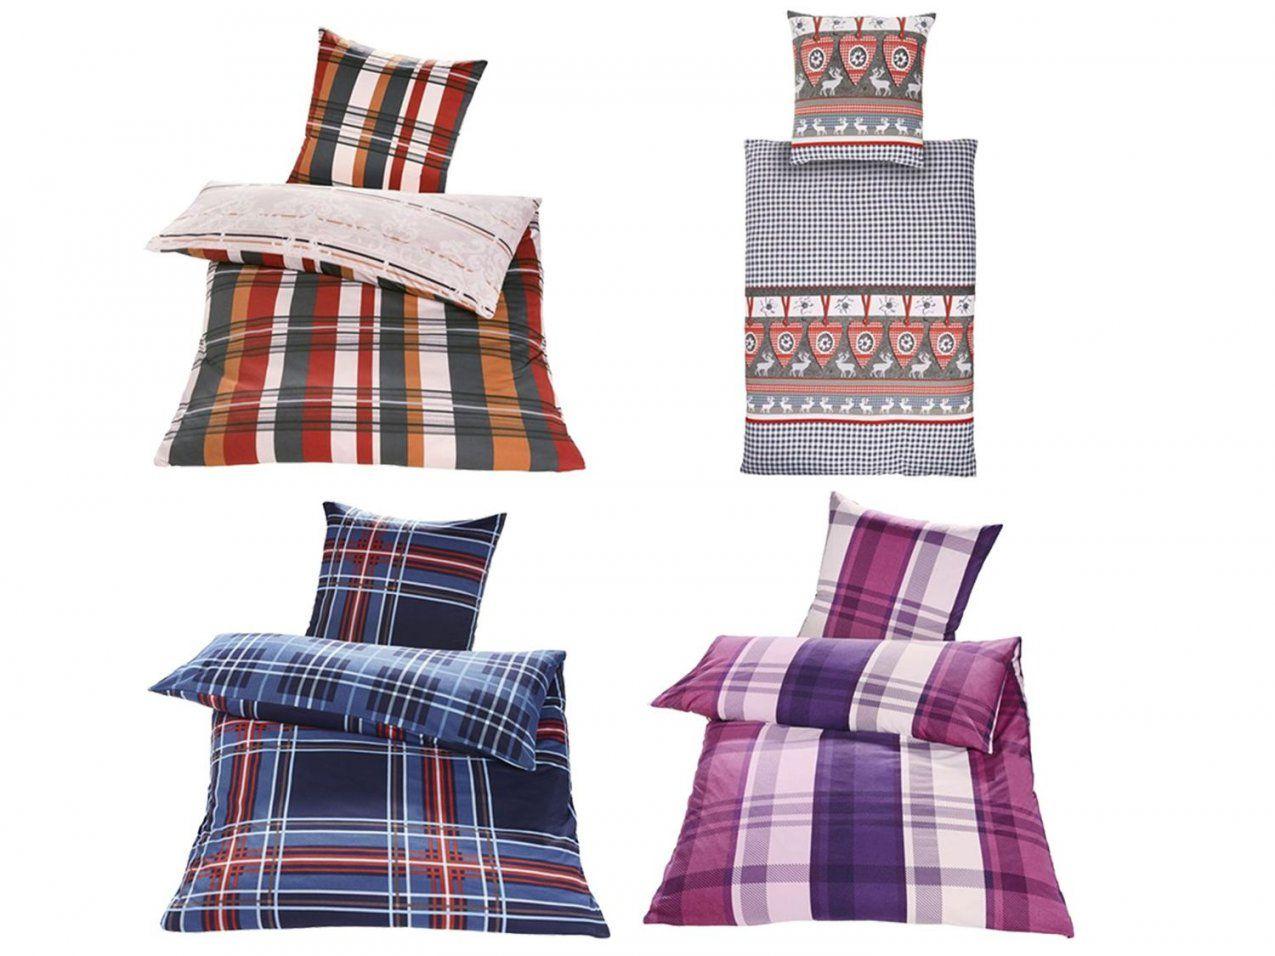 bettw sche 155x220 lidl haus design ideen. Black Bedroom Furniture Sets. Home Design Ideas